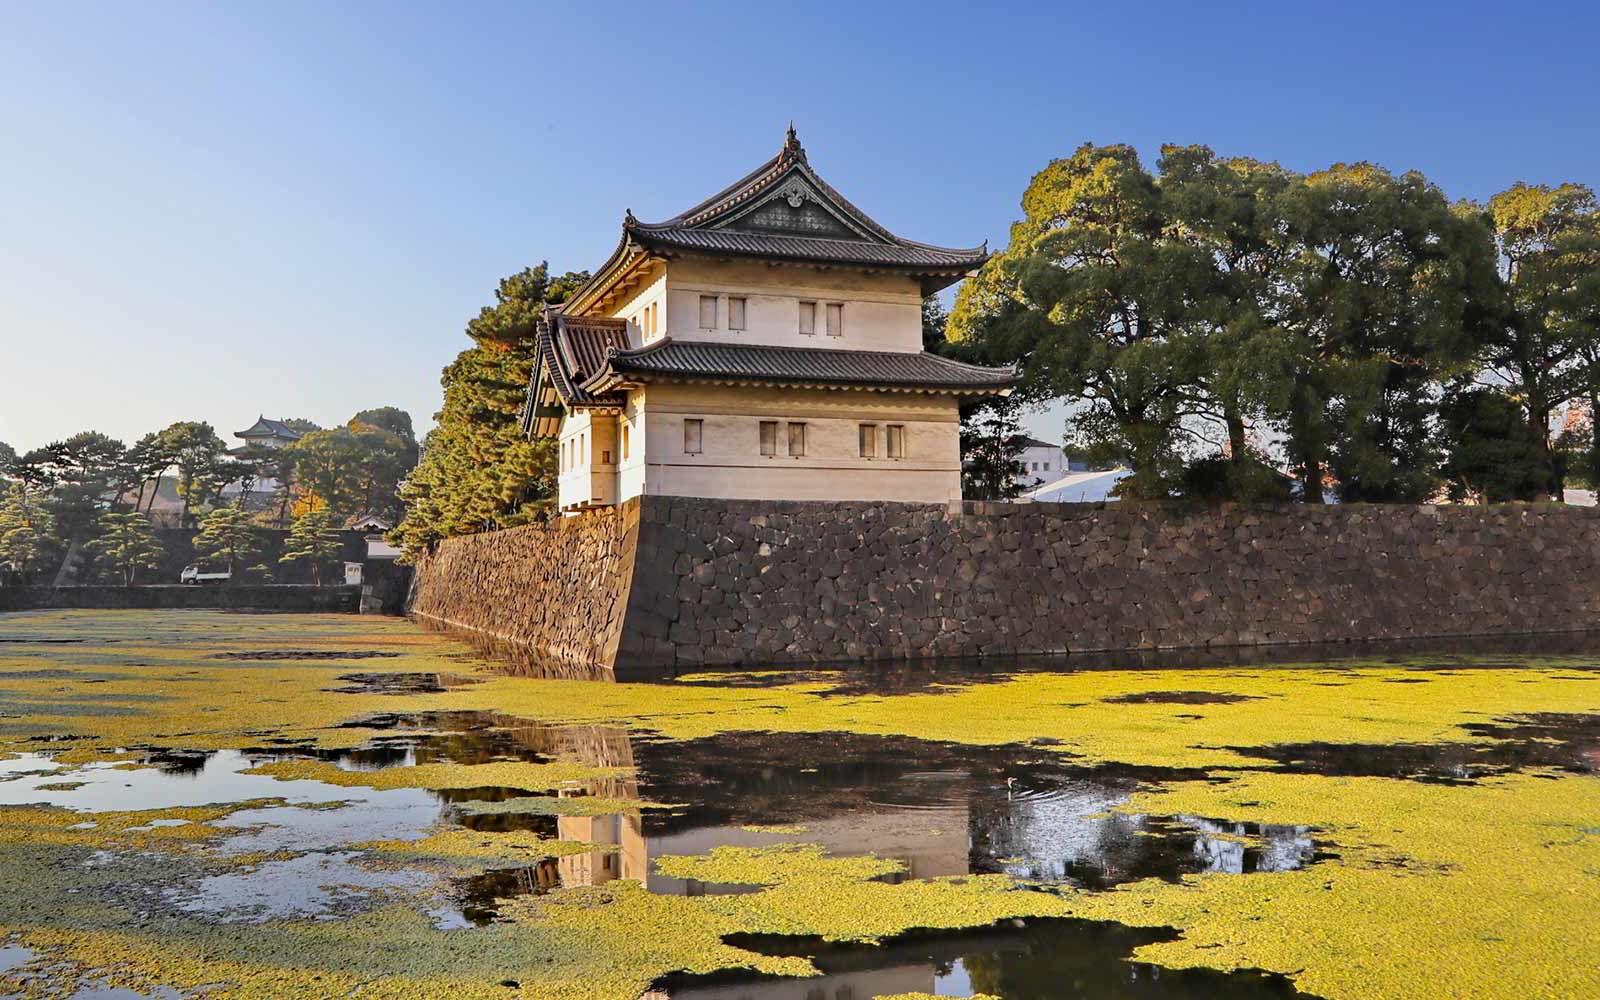 Tokyo: I giardini del Palazzo Imperiale